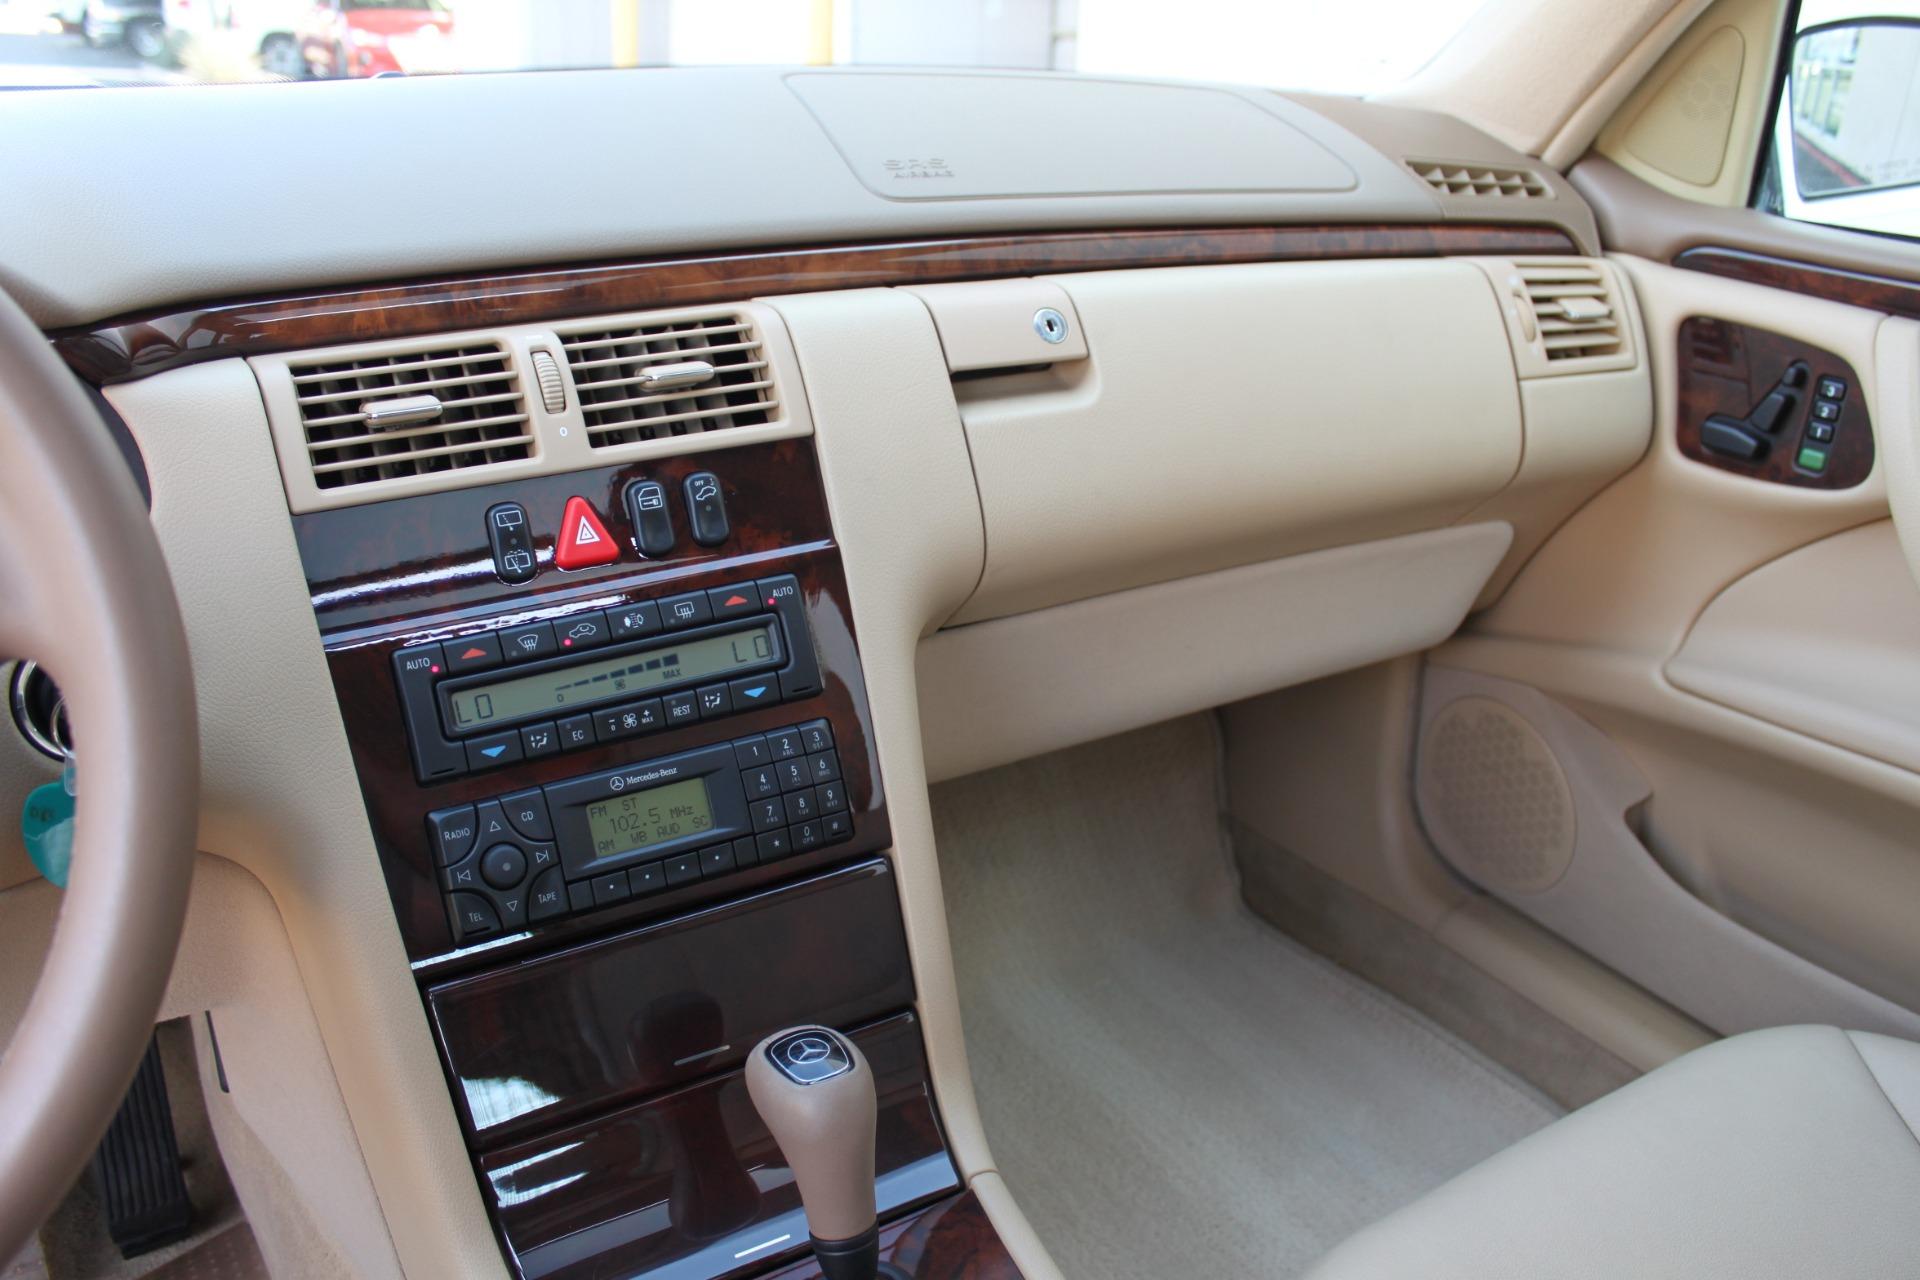 Used-2000-Mercedes-Benz-E-Class-Porsche